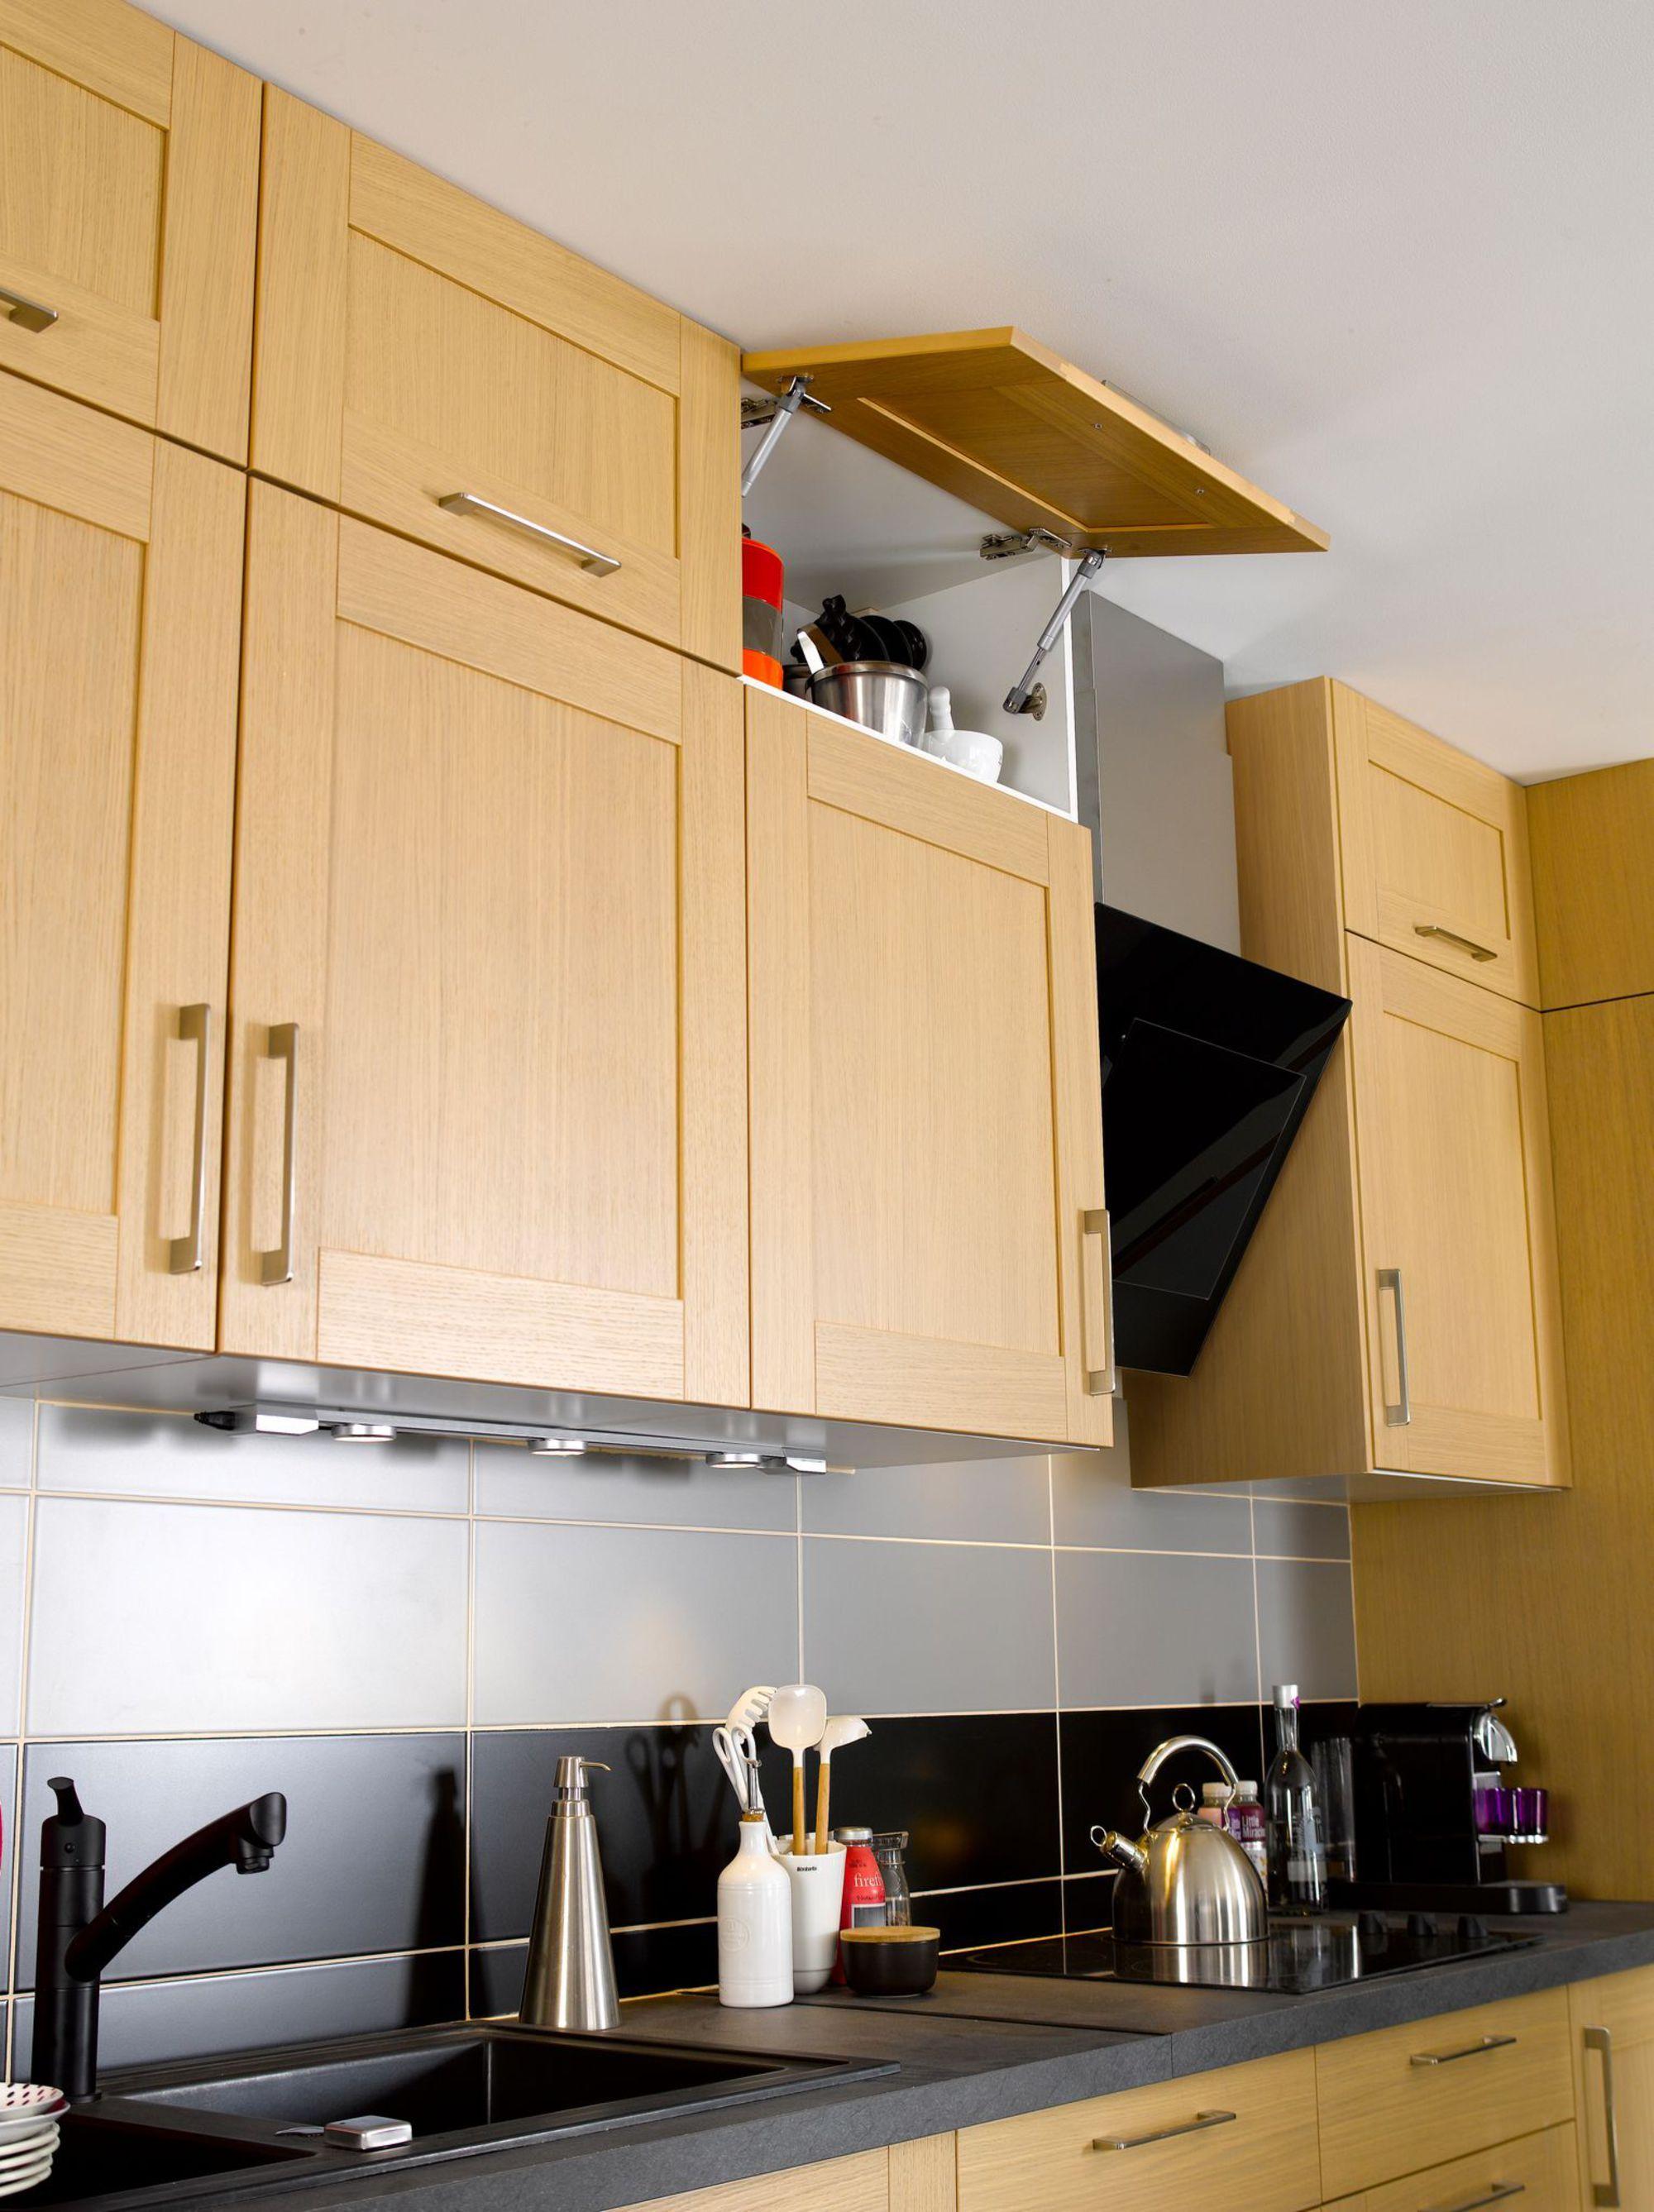 Aménager petite cuisine : astuces pour gagner de la place